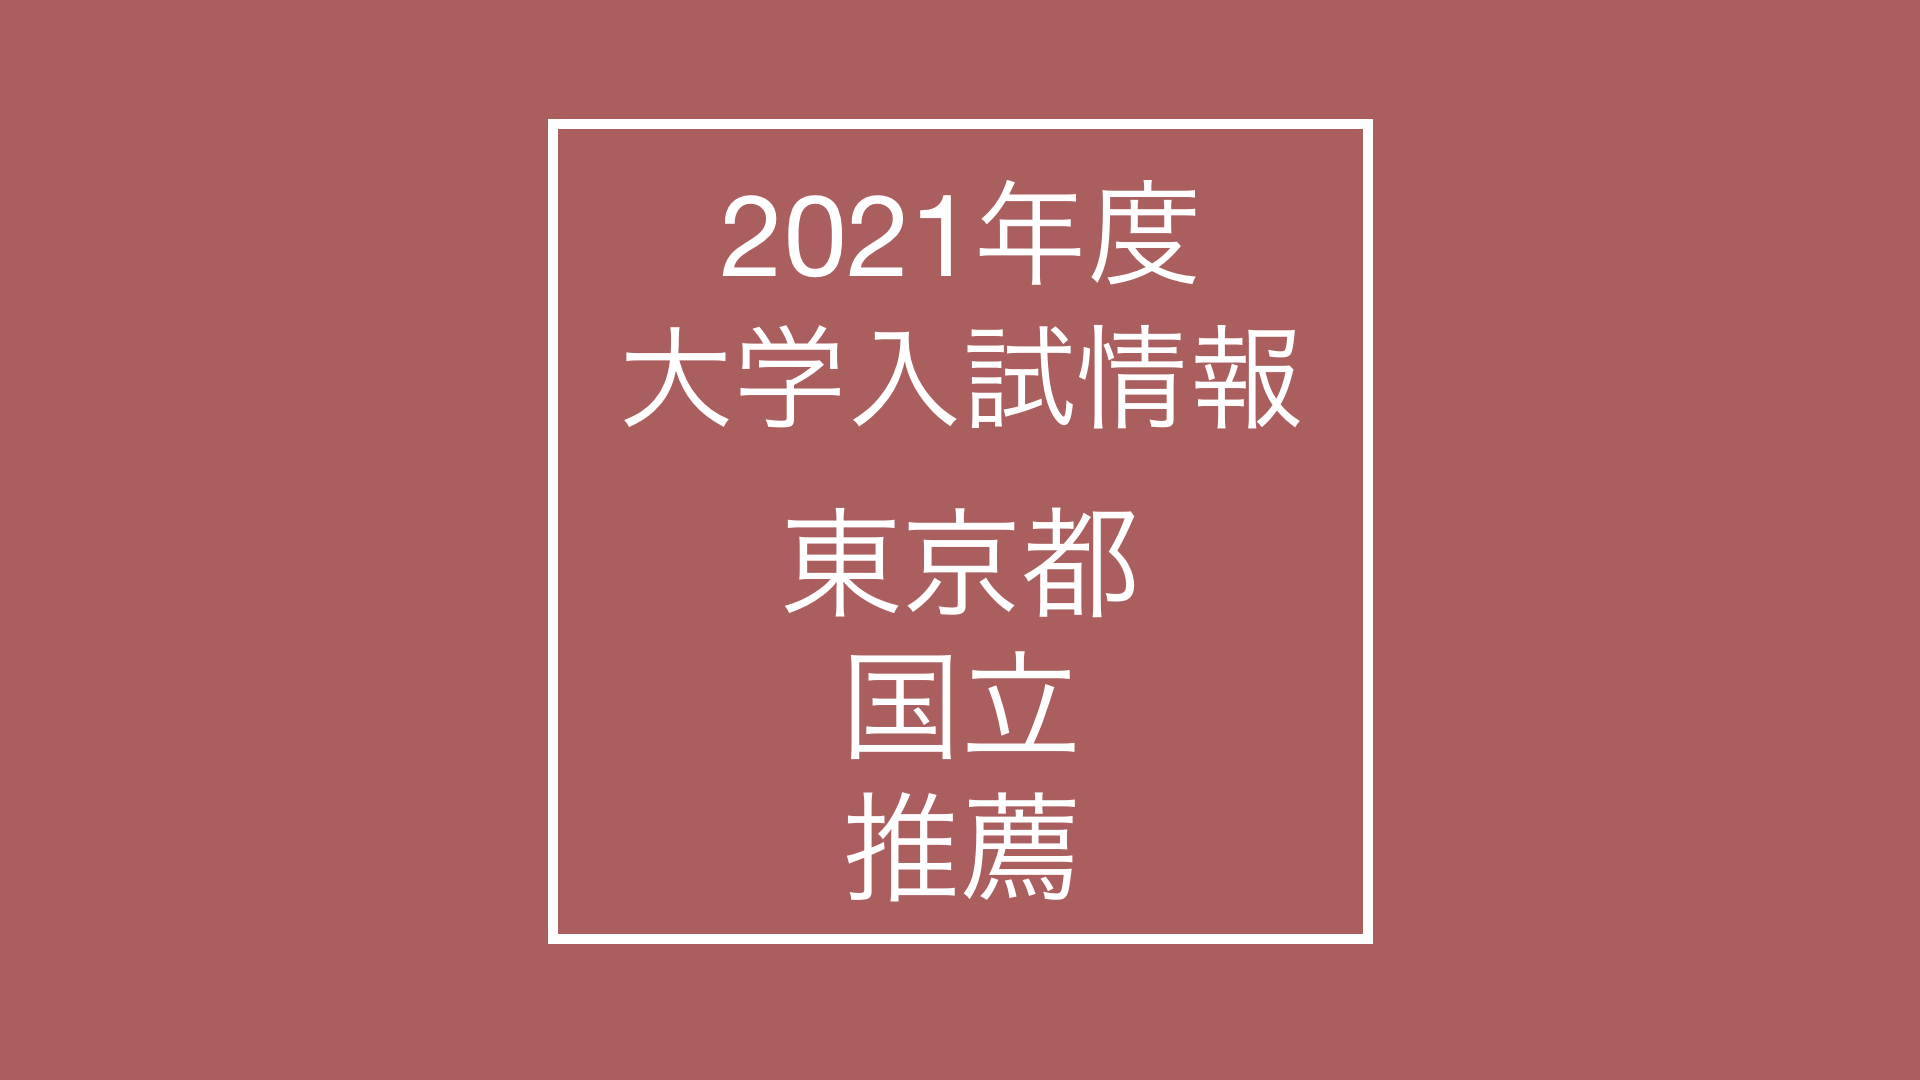 2021 発表 公立 大学 国 合格